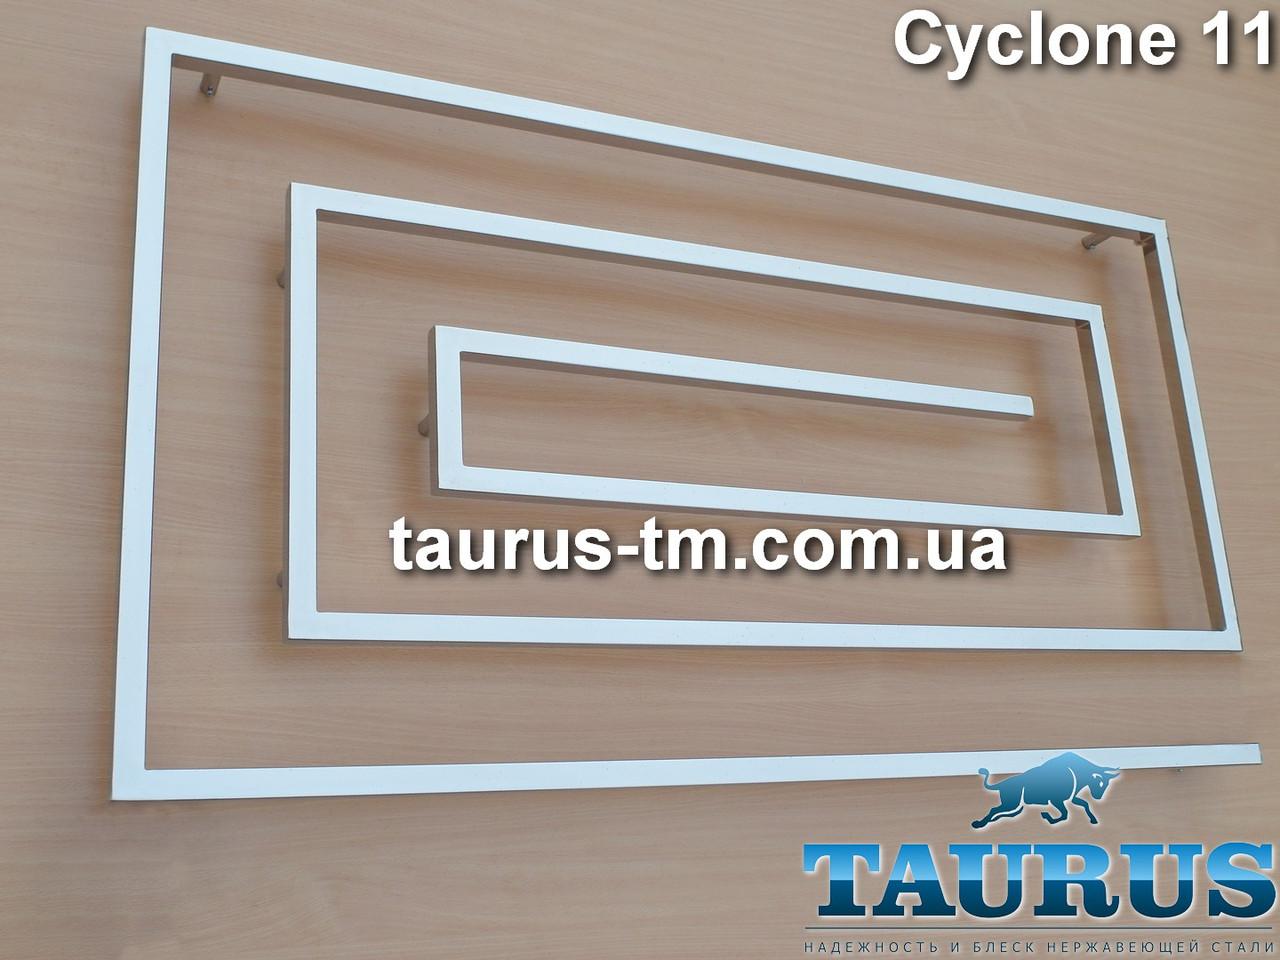 Самый большой полотенцесушитель из нержавеющей стали CYCLONE 11/830х1500мм. Ультрасовременный дизайн